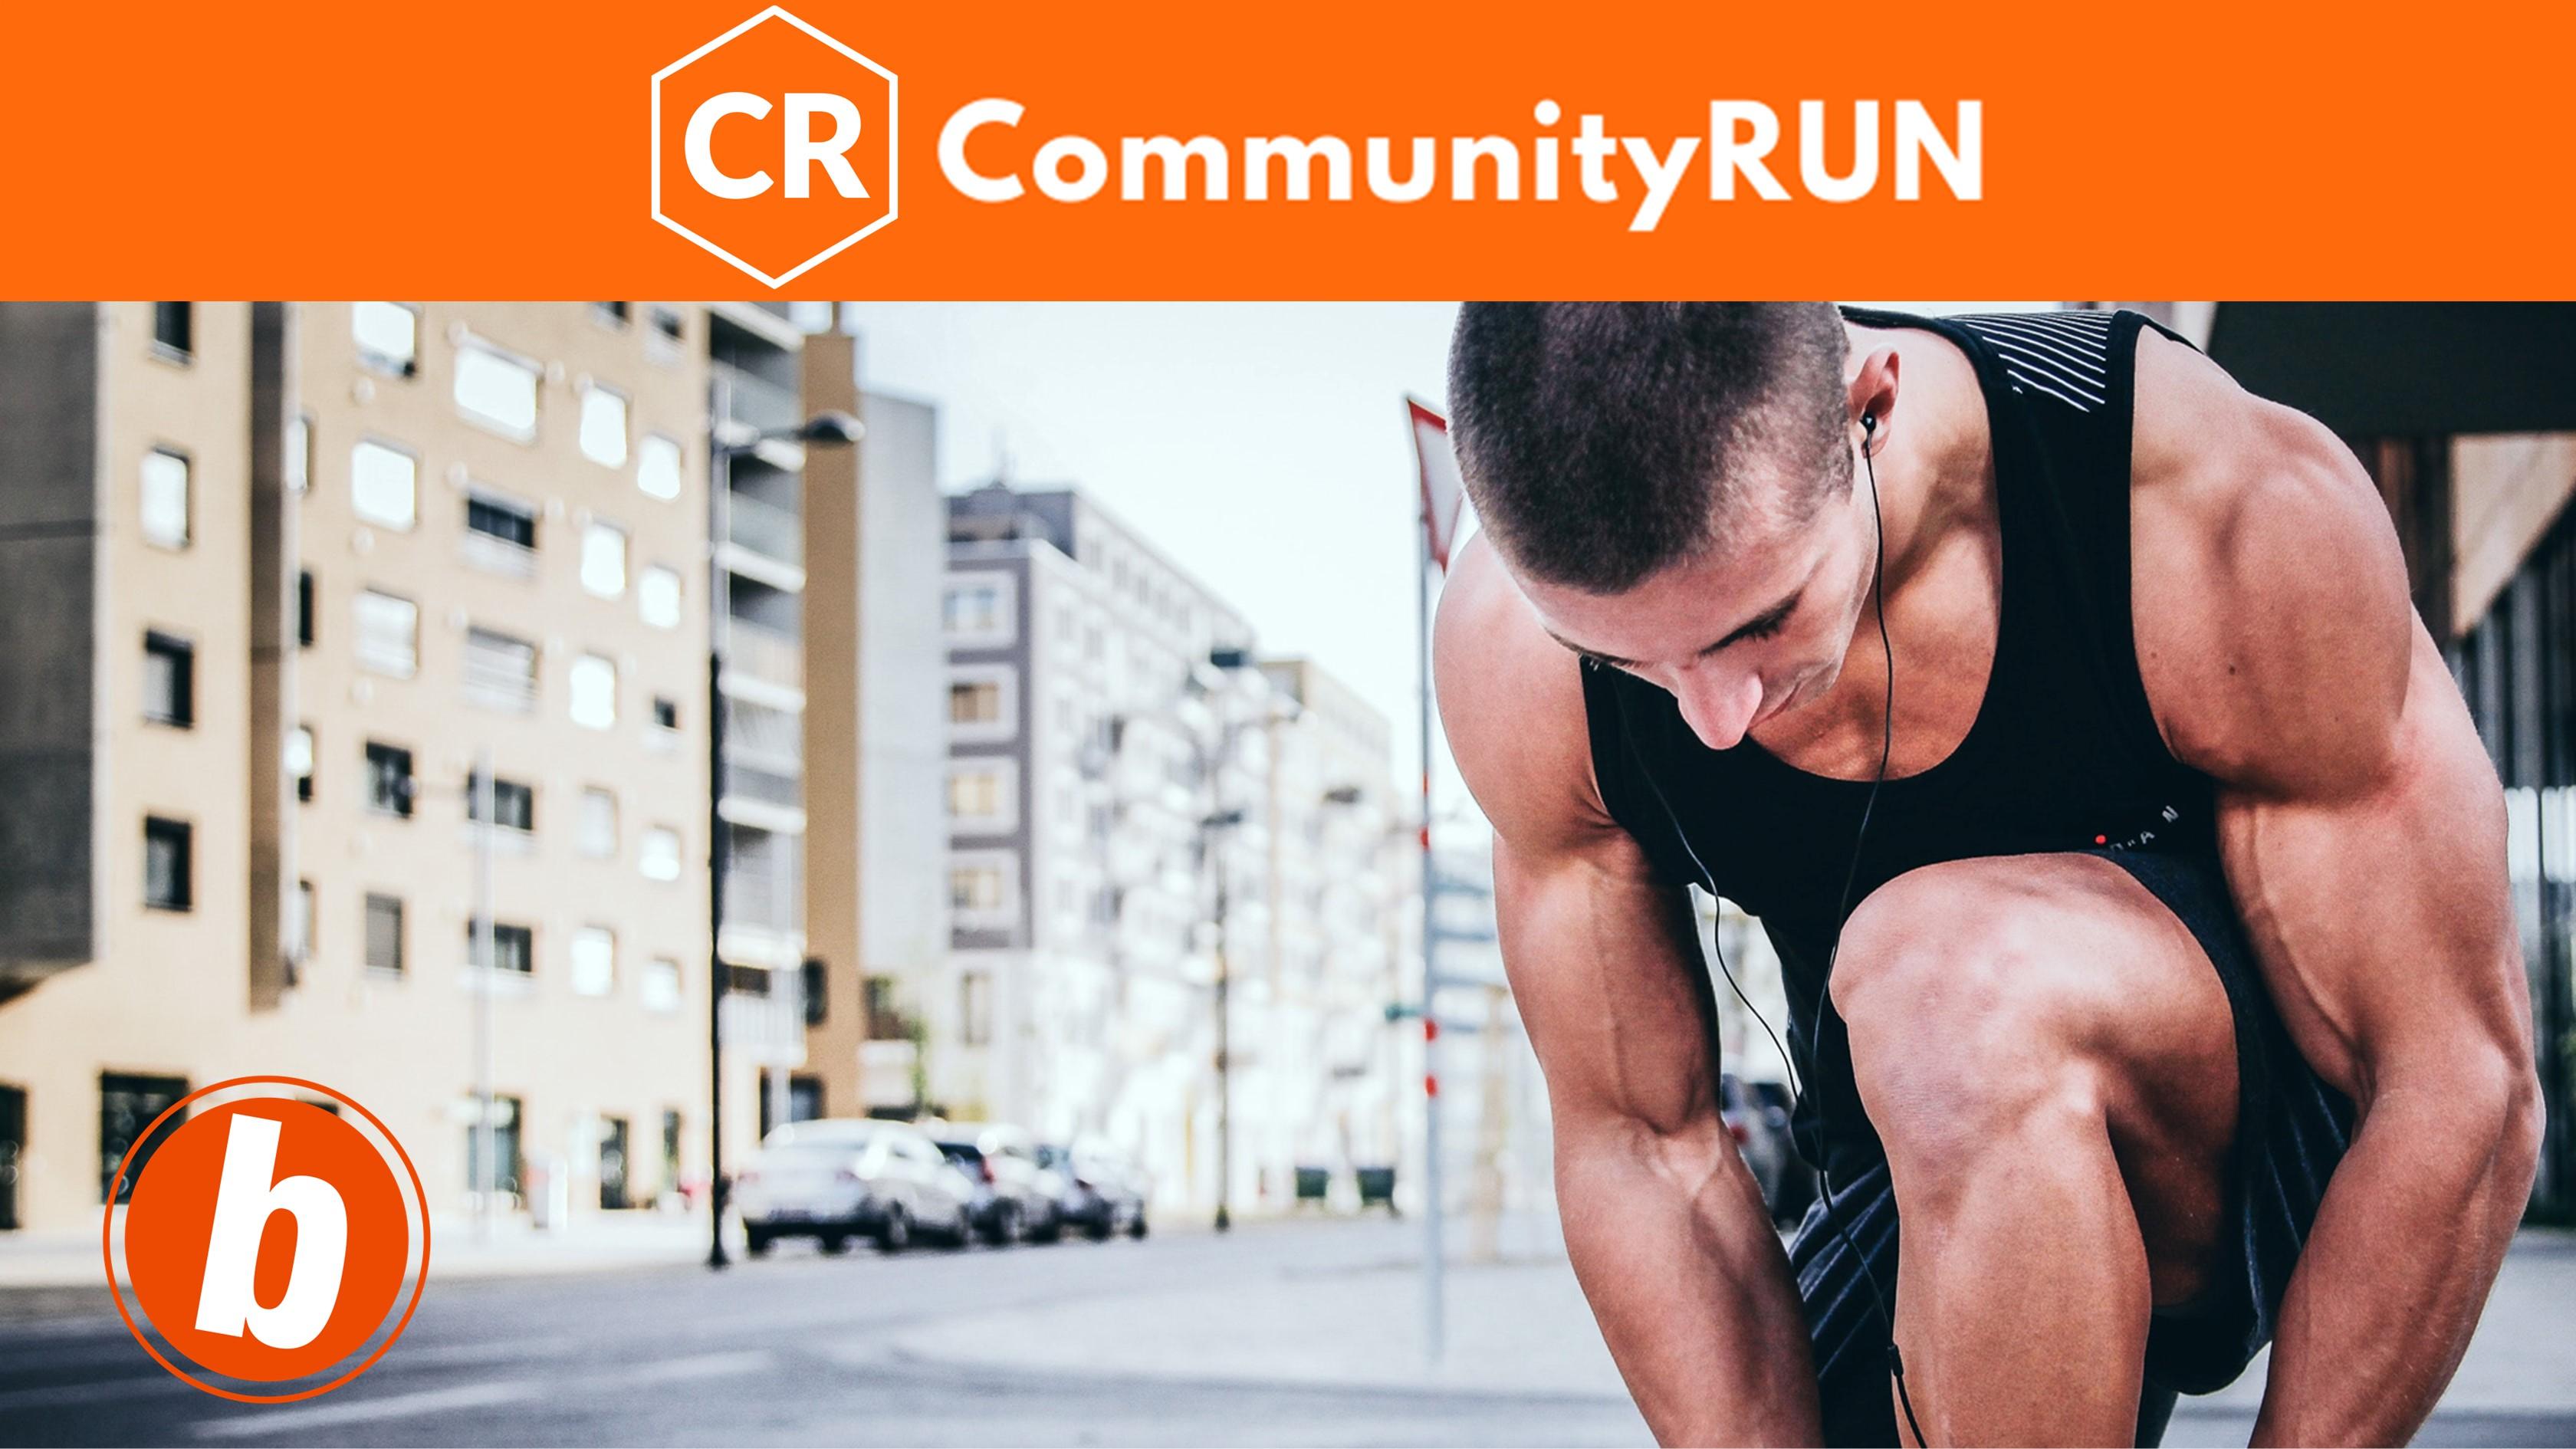 CommunityRUN - Alleine laufen in der Gemeinschaft